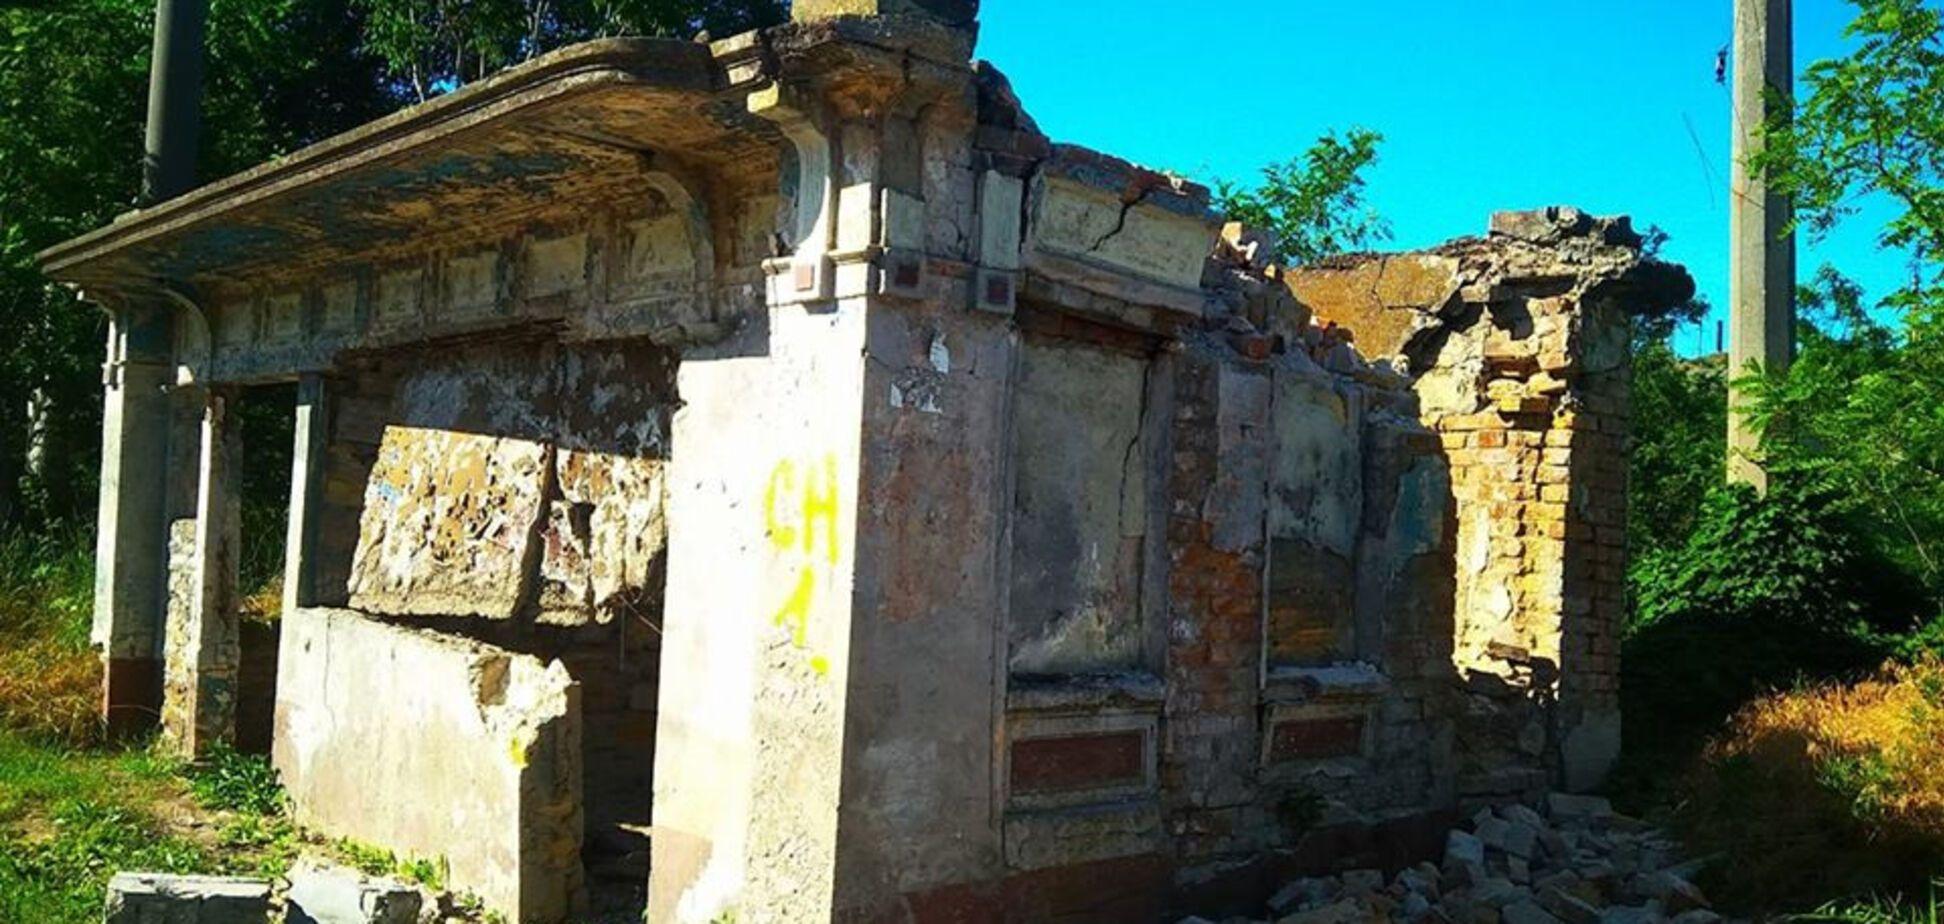 'Буквально розвалився': Одеса втратила унікальний пам'ятник архітектури